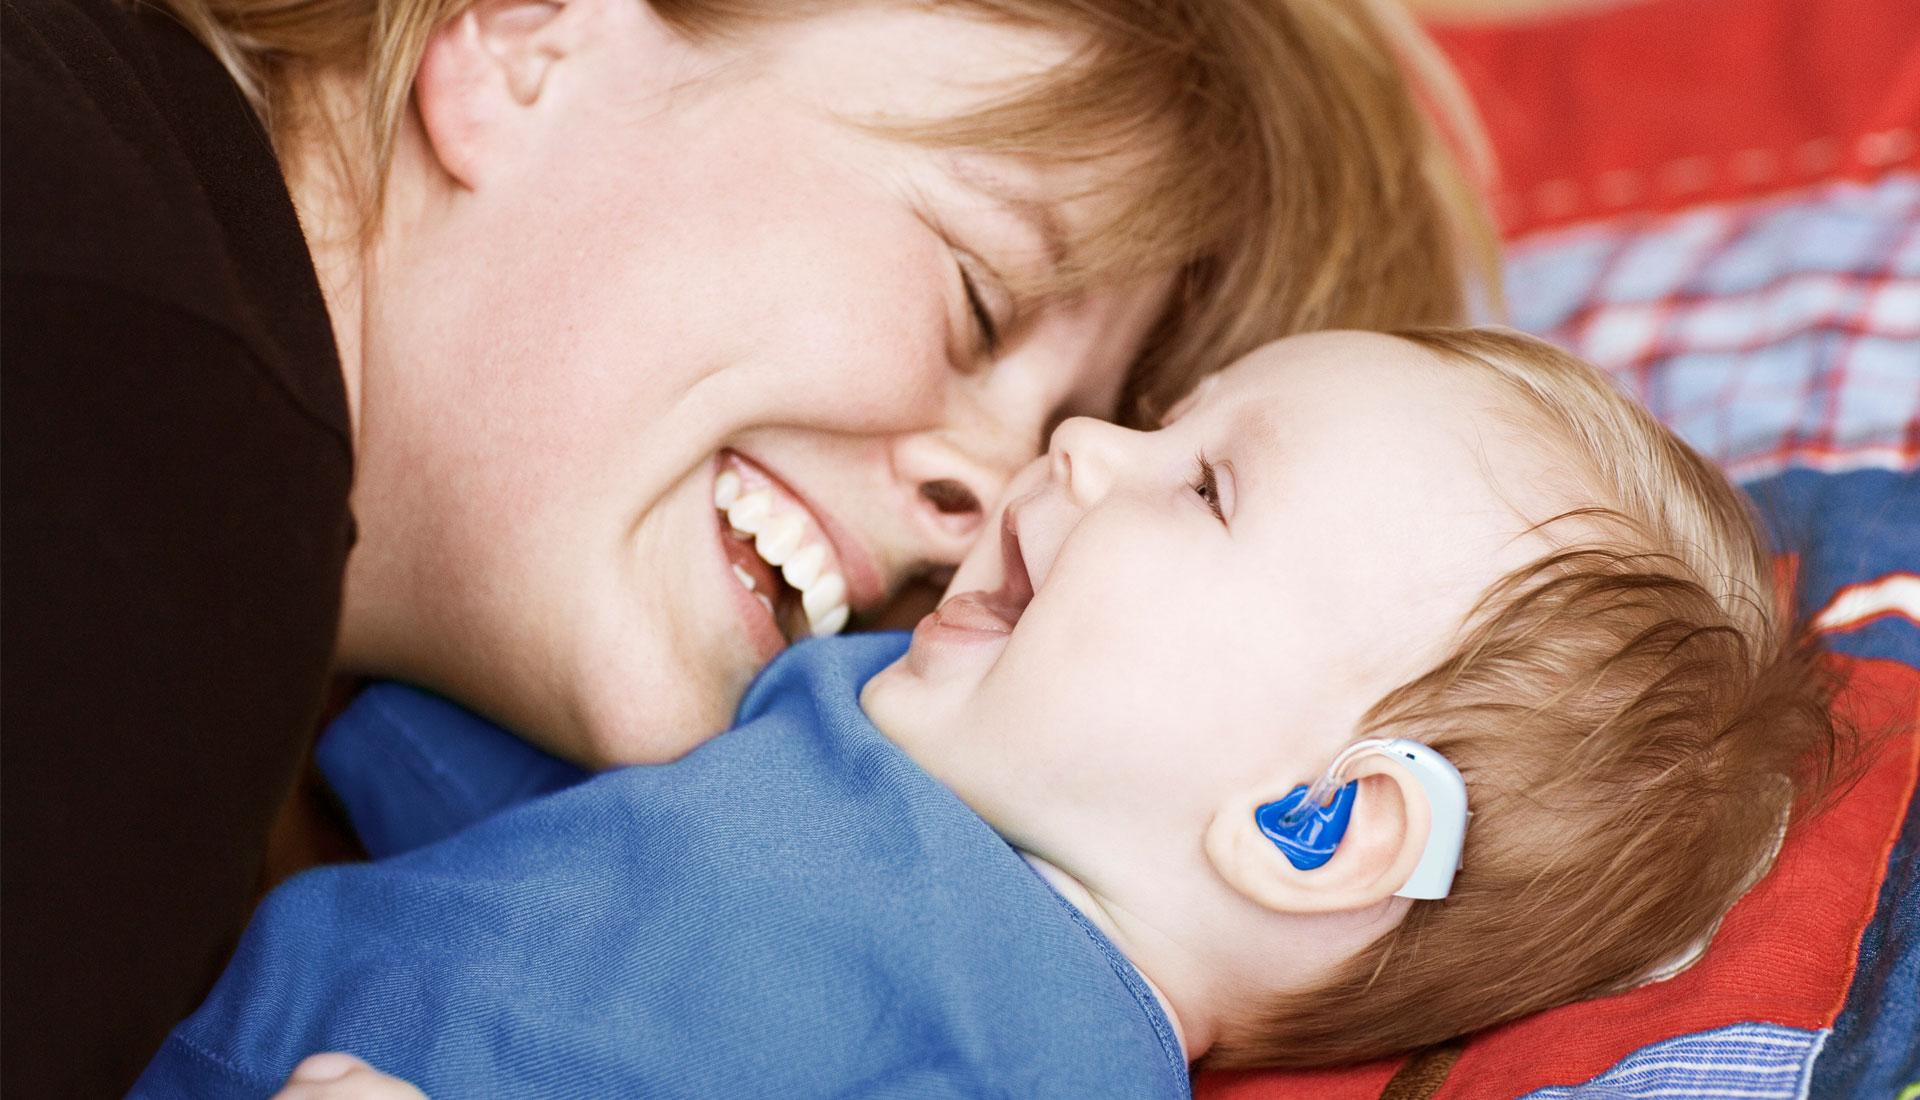 maman et son bébé avec un appareil auditif bleu riant aux éclats